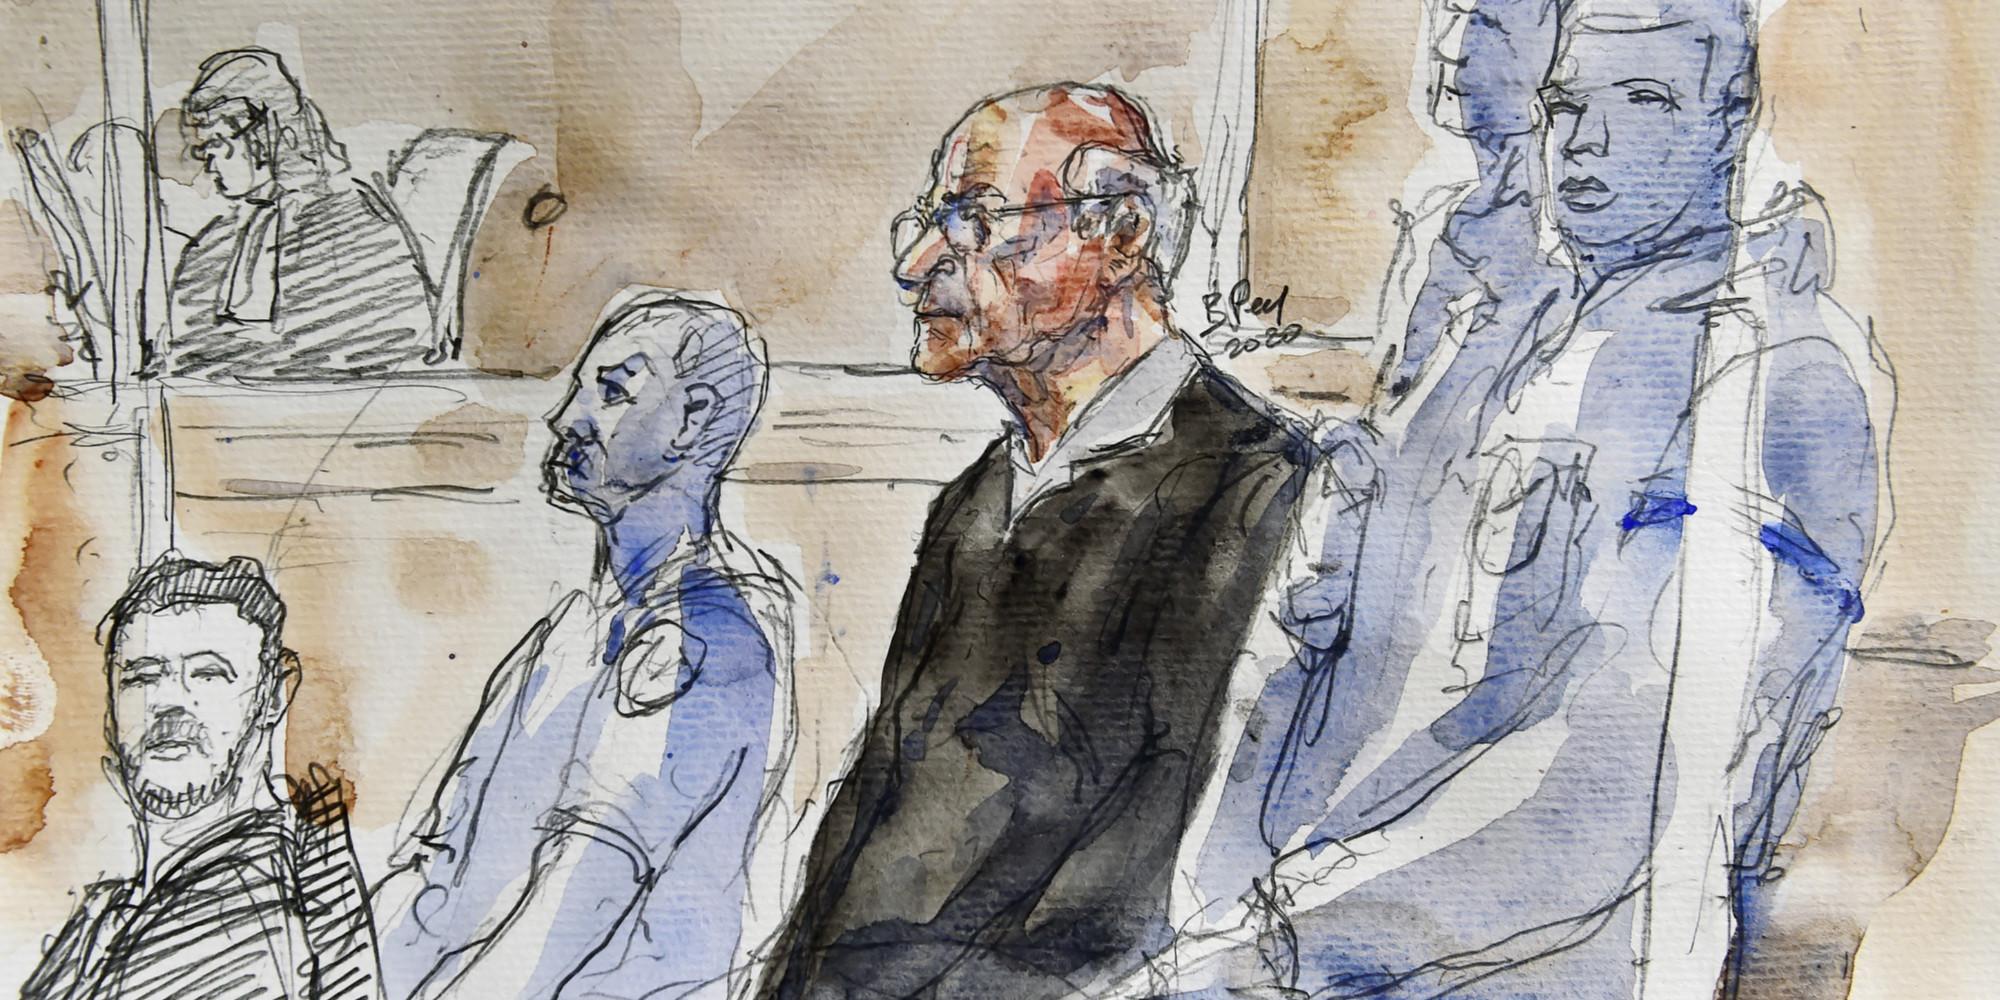 Pédocriminalité : l'ex-chirurgien Joël Le Scouarnec condamné à 15 ans de réclusion criminelle